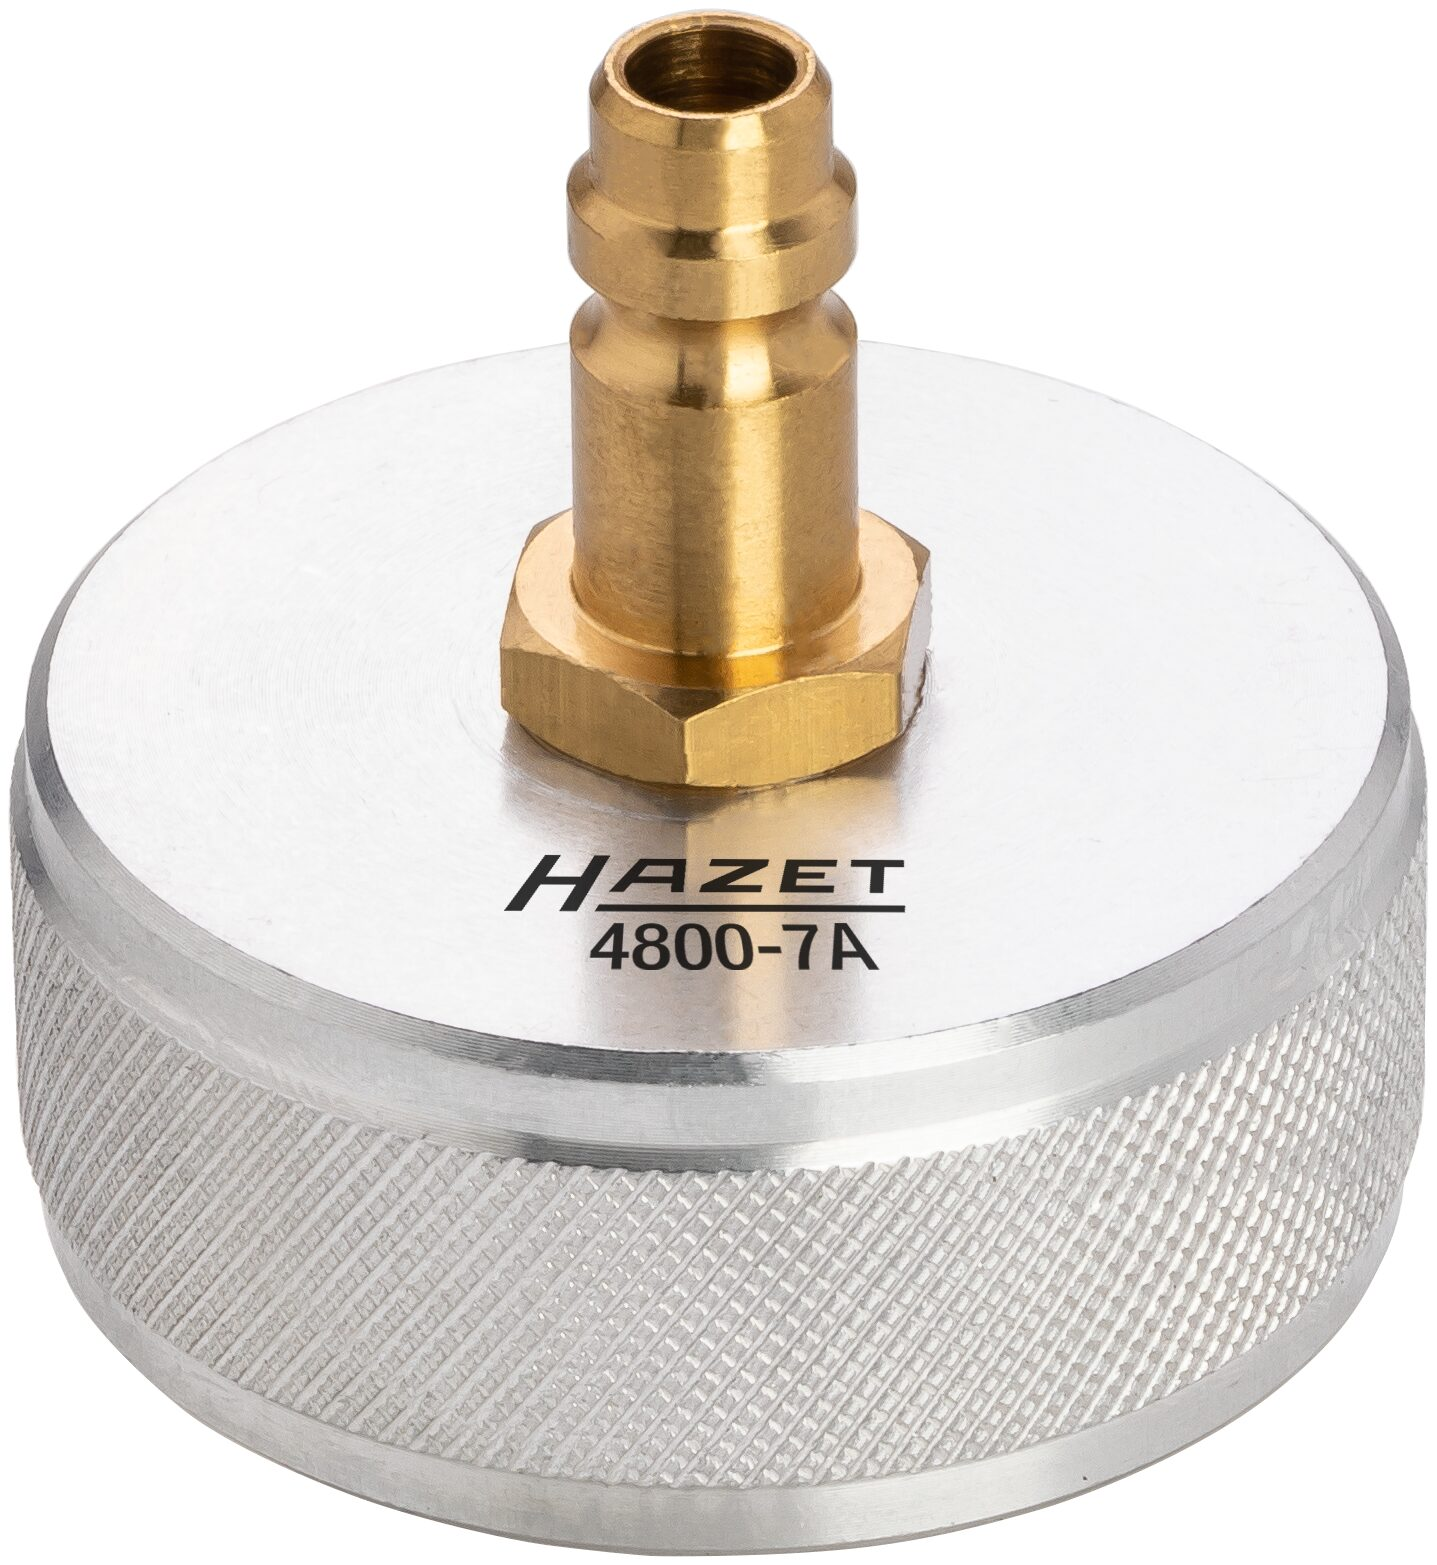 HAZET Kühlerpumpe und -adapter 4800-7A